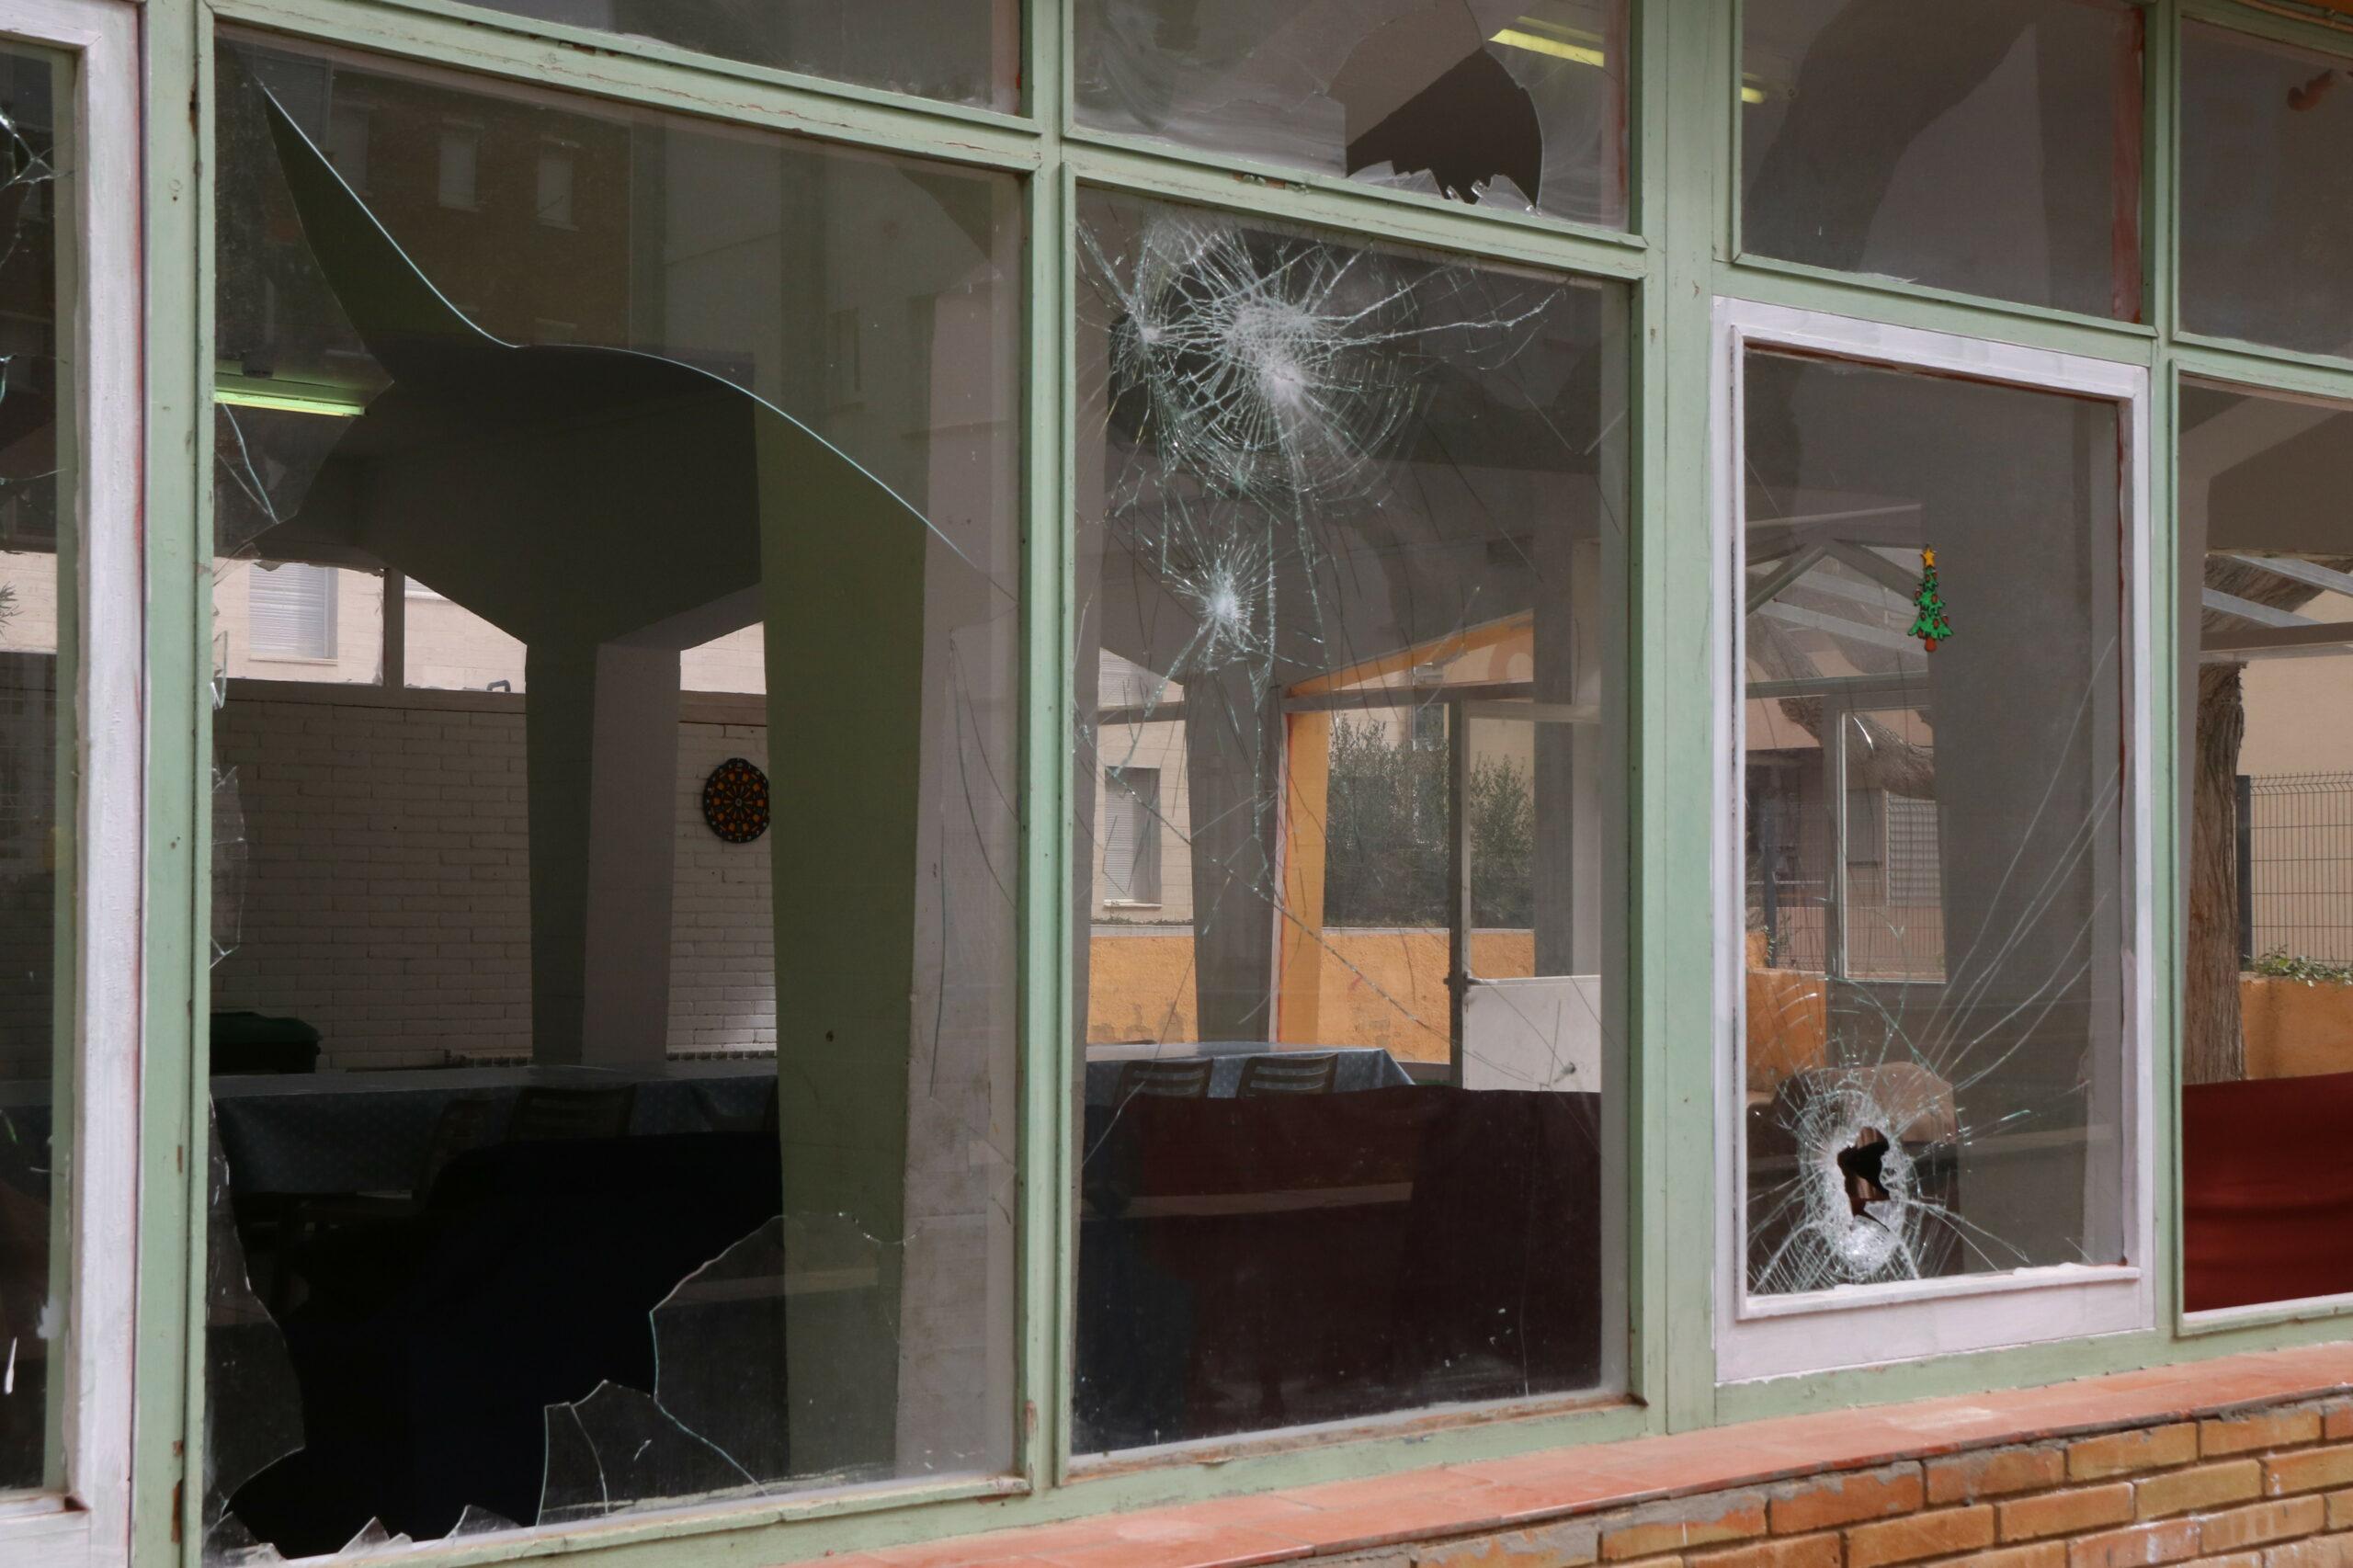 Les finestres del centre de menors de Torredembarra, destrossades després de l'atac del 19 de febrer / ACN